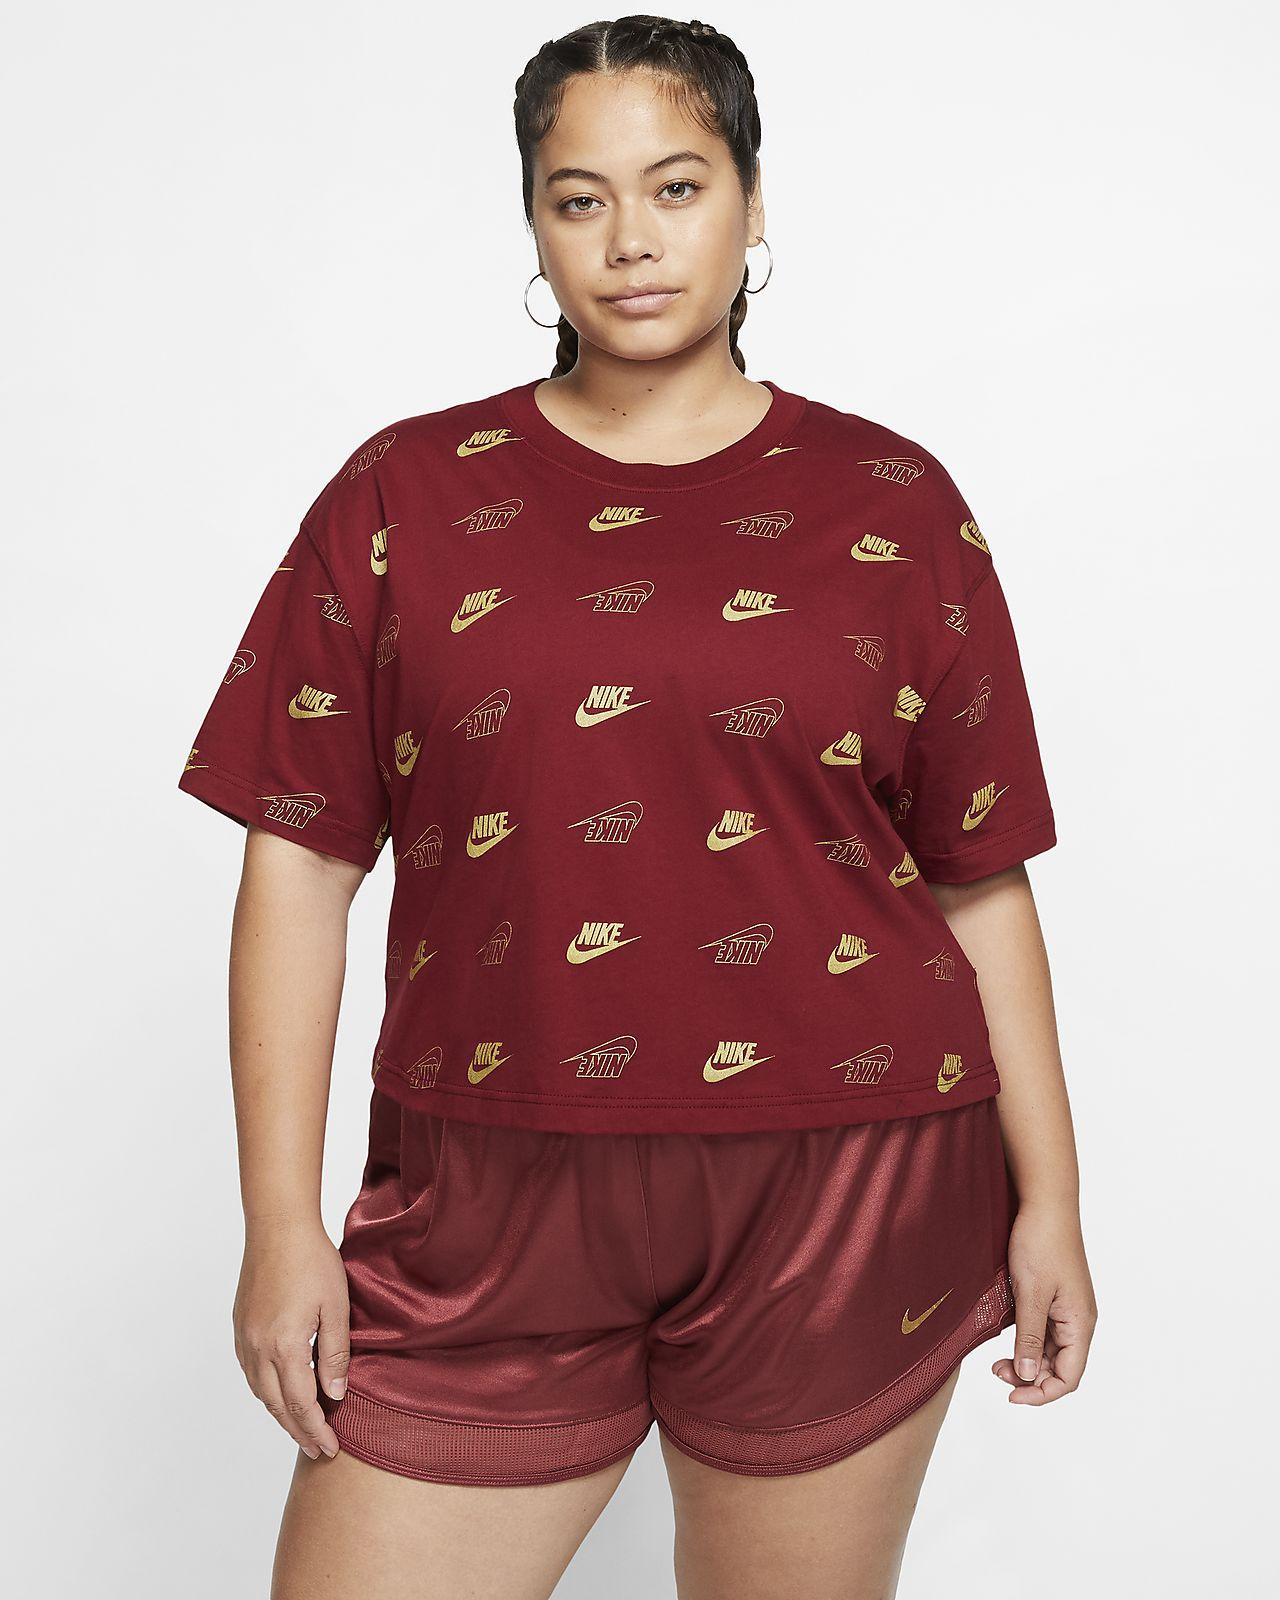 Damska koszulka o skróconym kroju z krótkim rękawem Nike Sportswear (duże rozmiary)